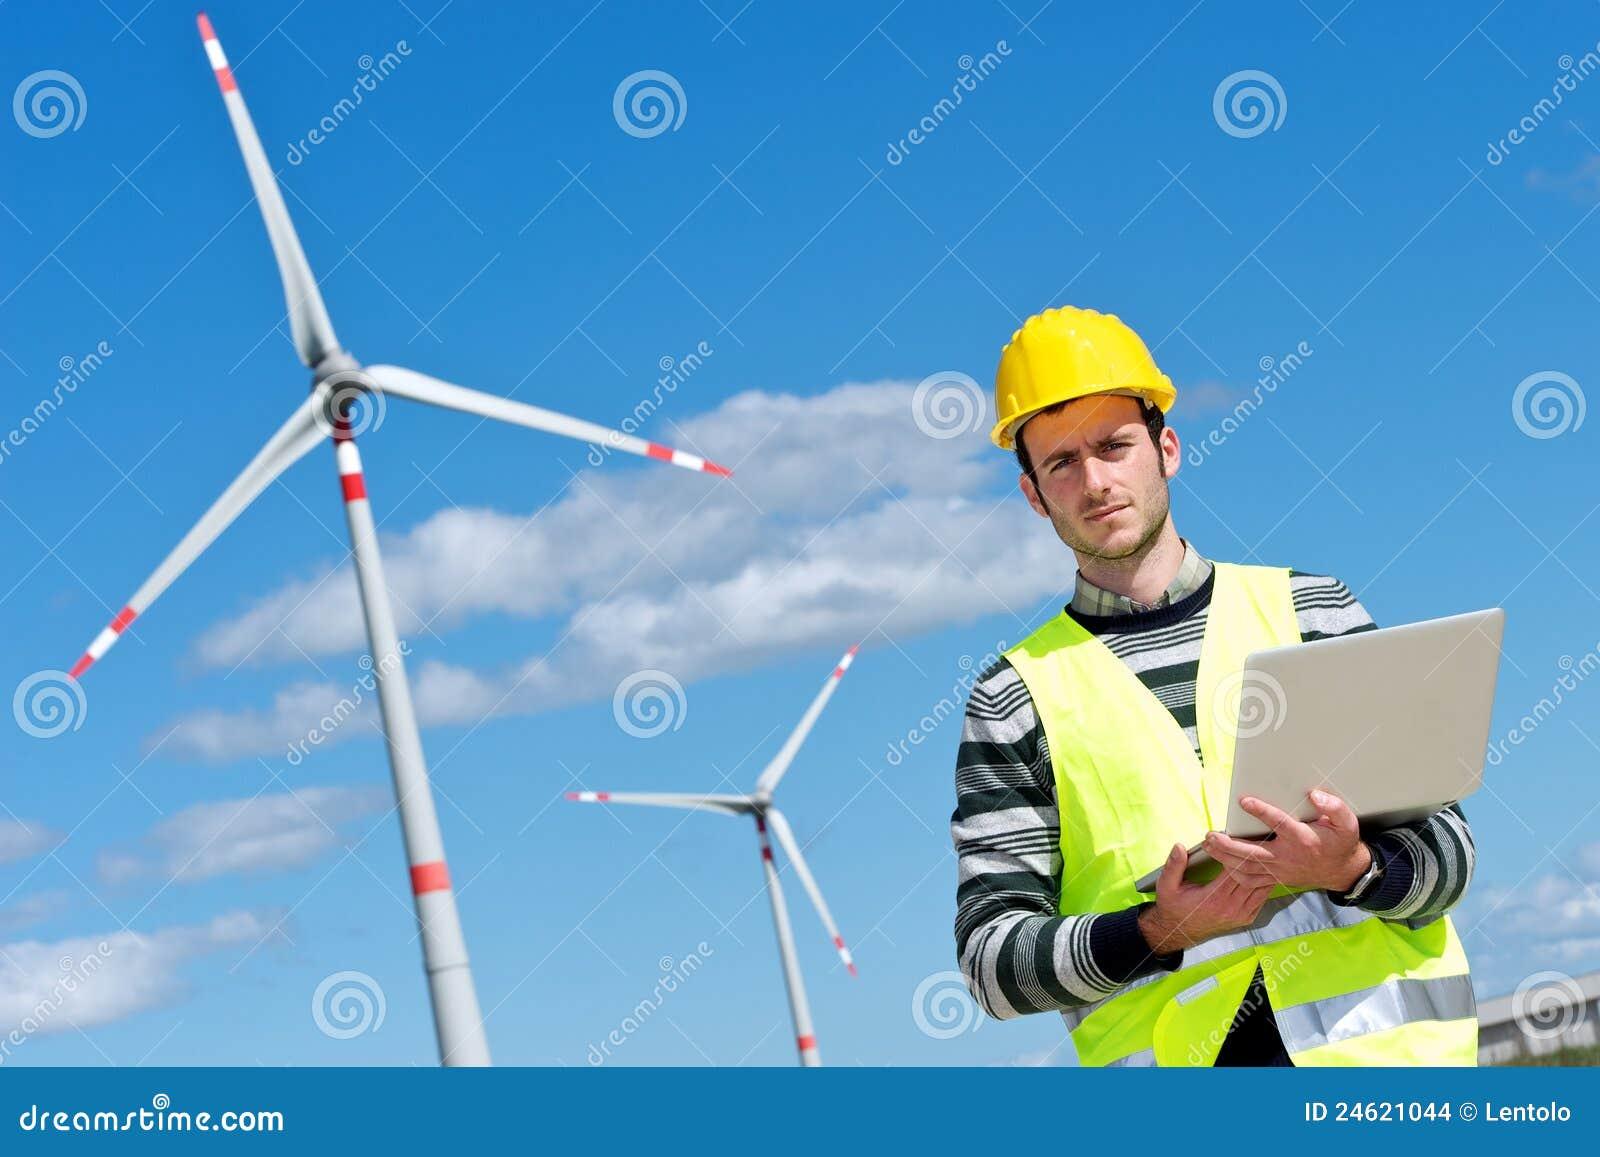 Ingenieur in der Wind-Turbine-Leistung-Generator-Station